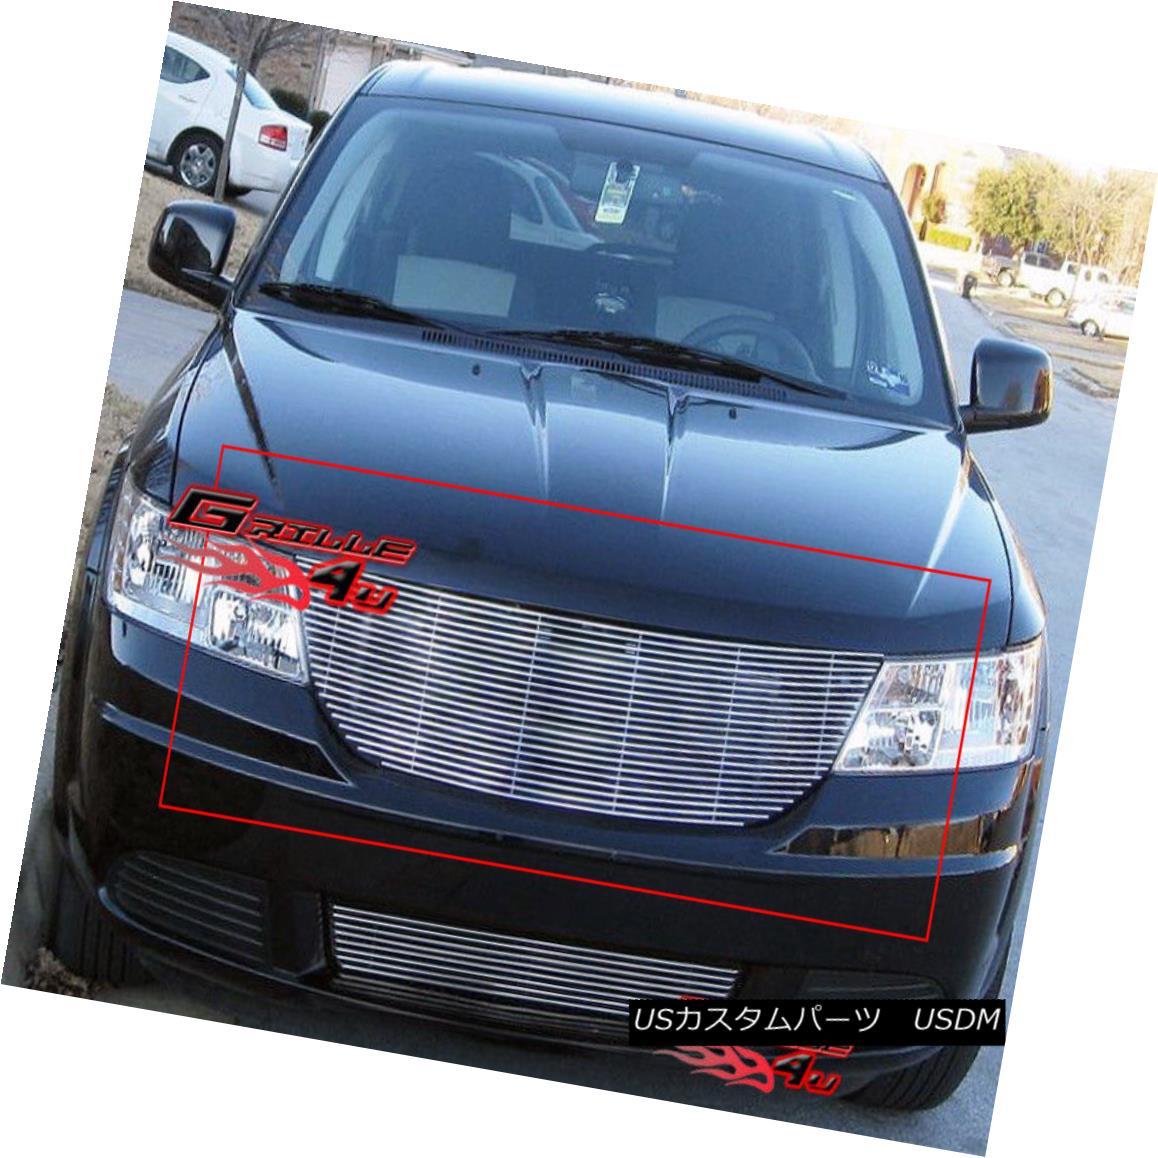 グリル Fits 09-10 Dodge Journey Main Upper Billet Grille Insert フィット09-10ドッジジャーニーメインアッパービレットグリルインサート